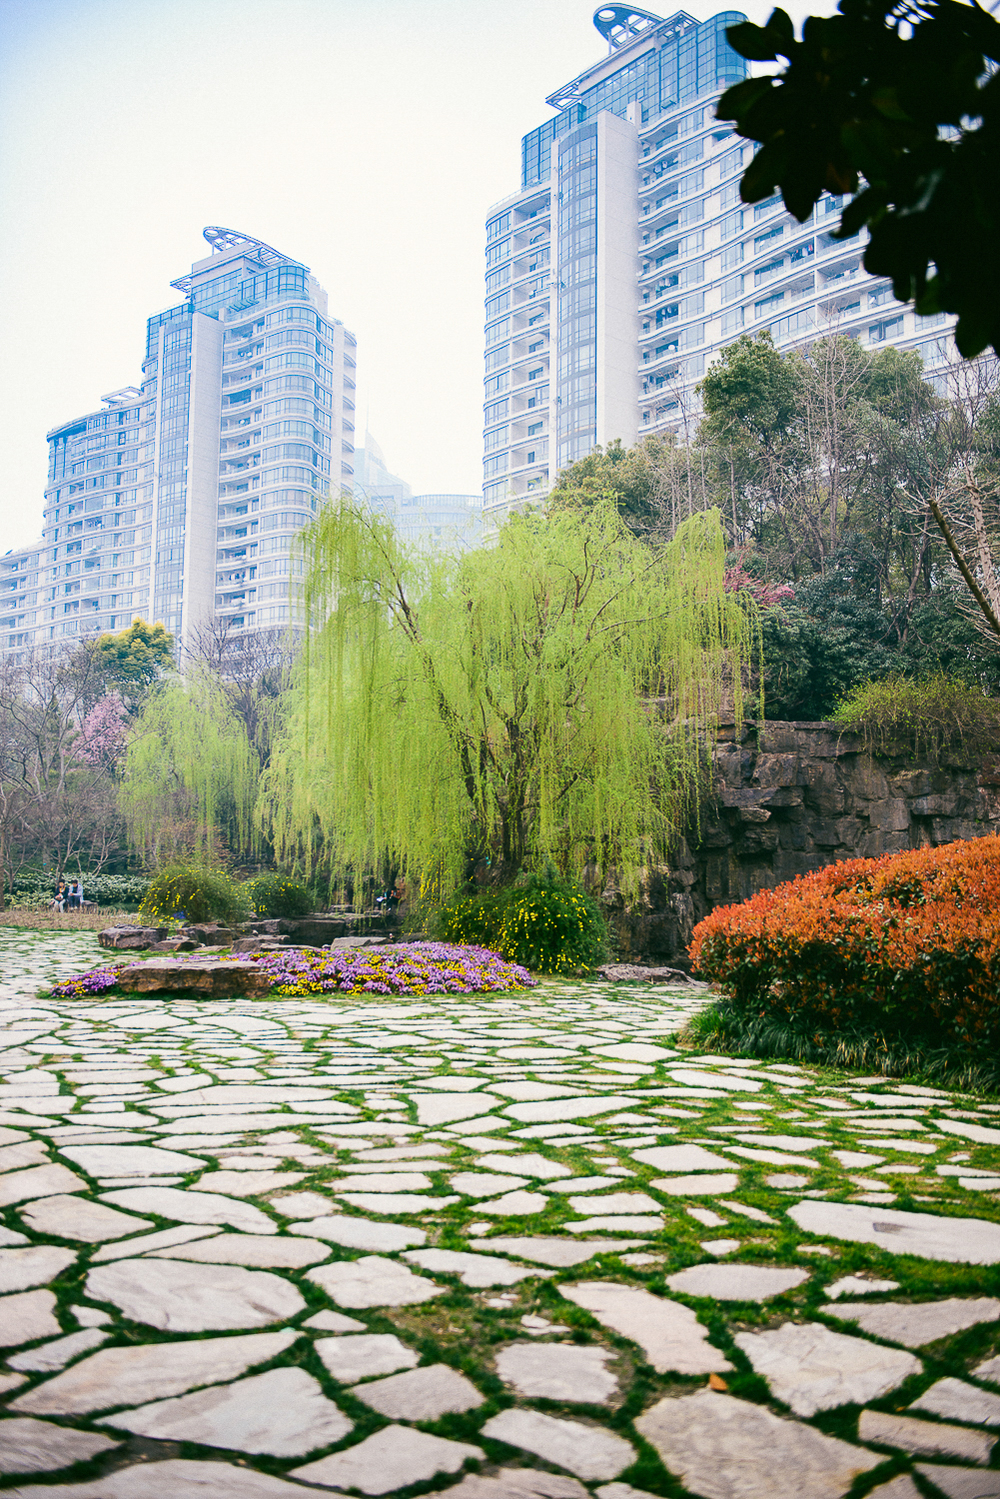 20160313_lva_china-1093i-2.jpg